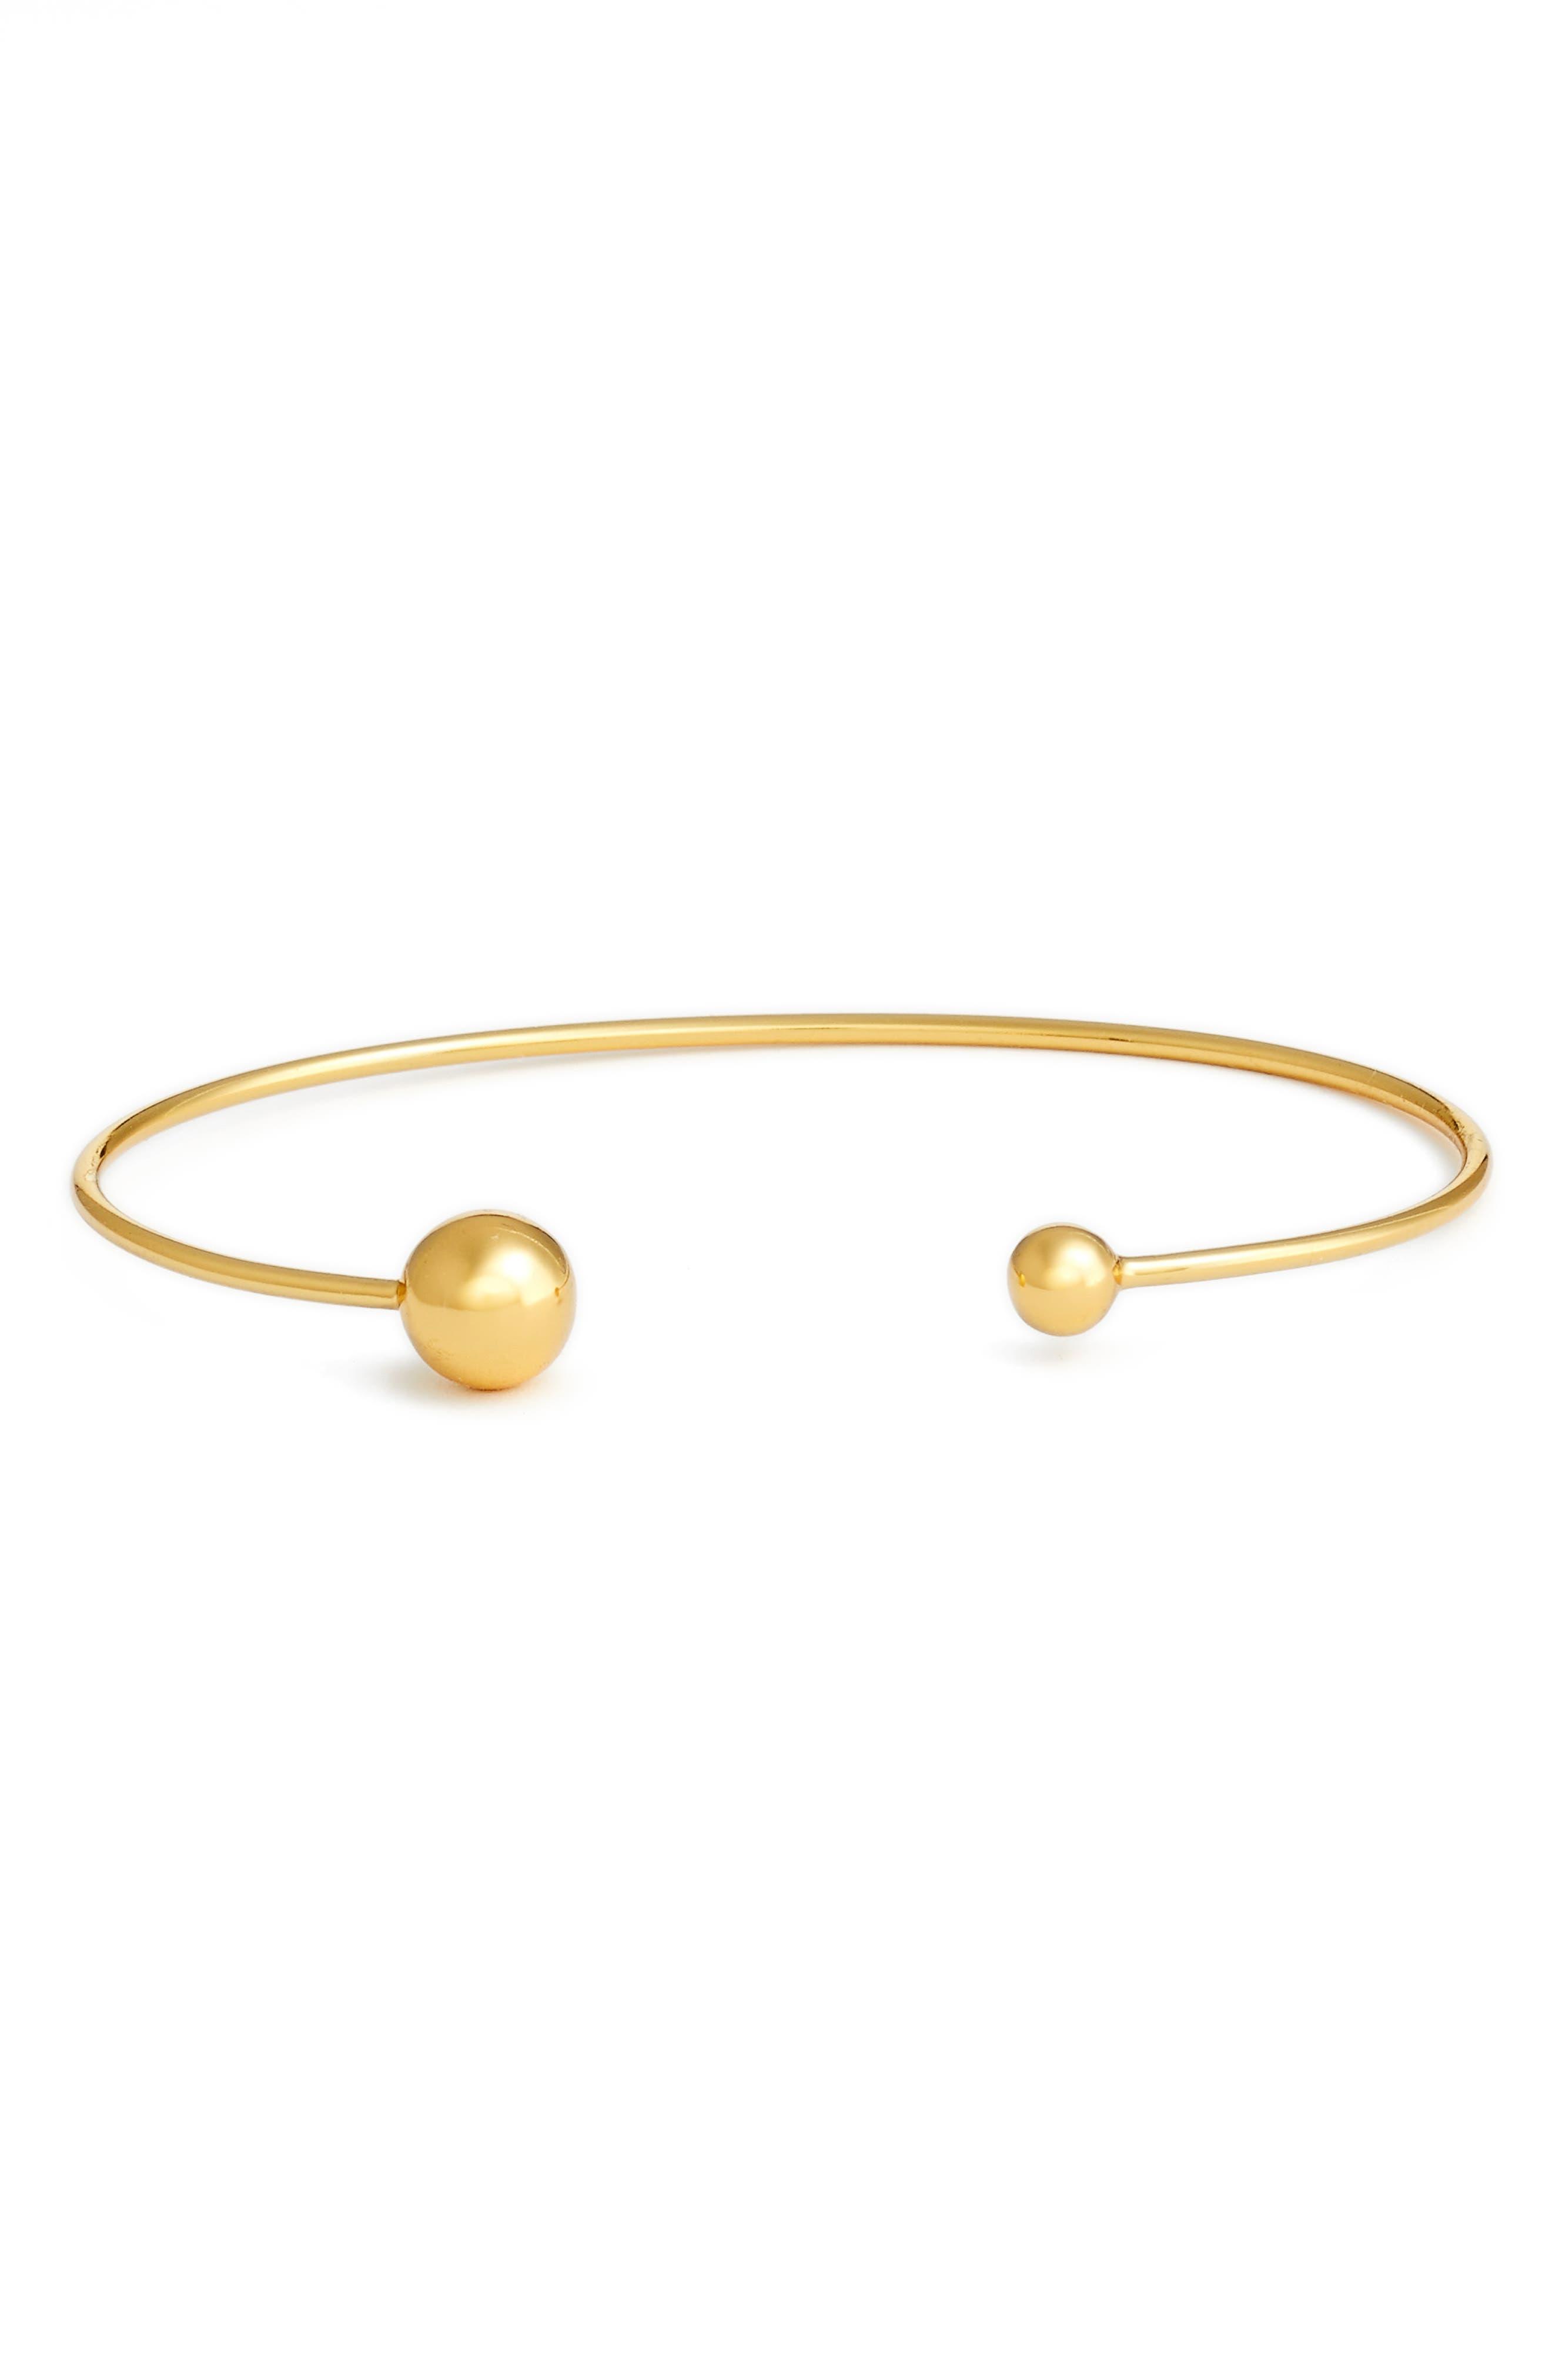 Argento Vivo Sphere Open Cuff Bracelet